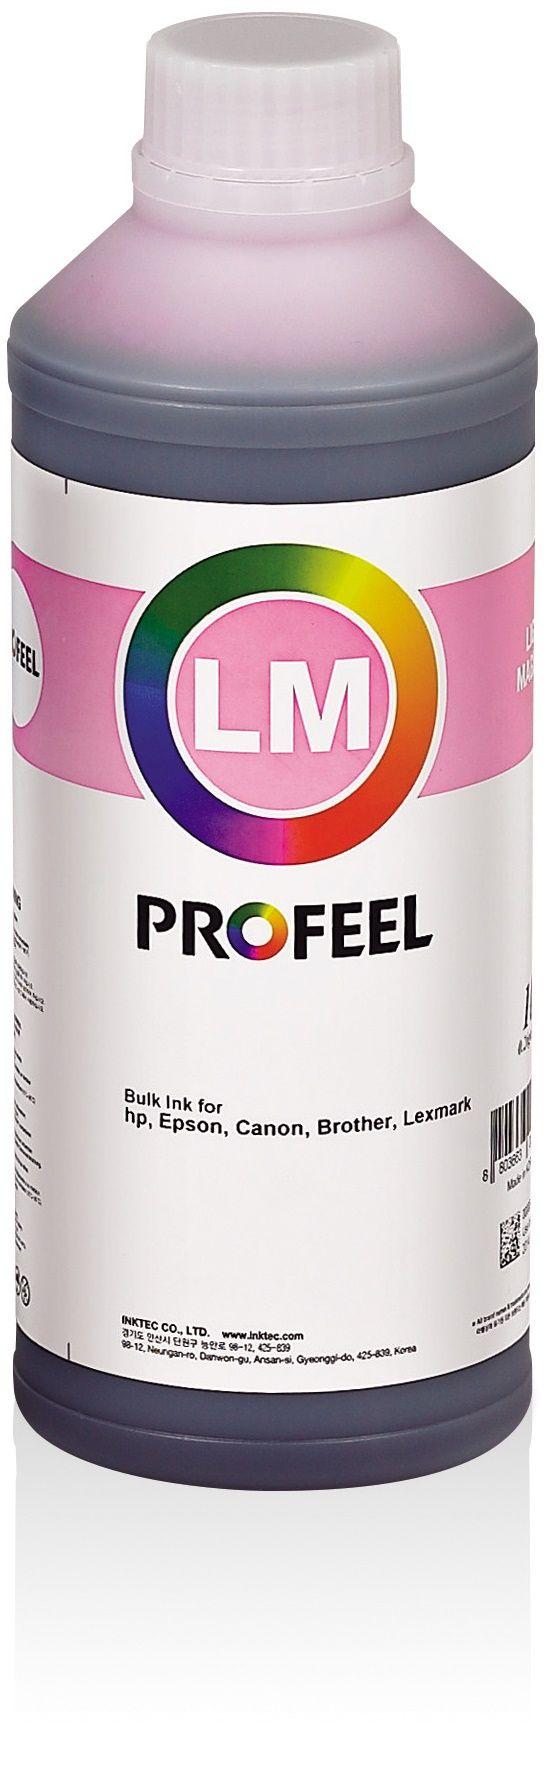 Tinta corante InkTec Profeel para Epson | modelo EU1000-01LLM | Frasco de 1 litro | Cor : Magenta claro